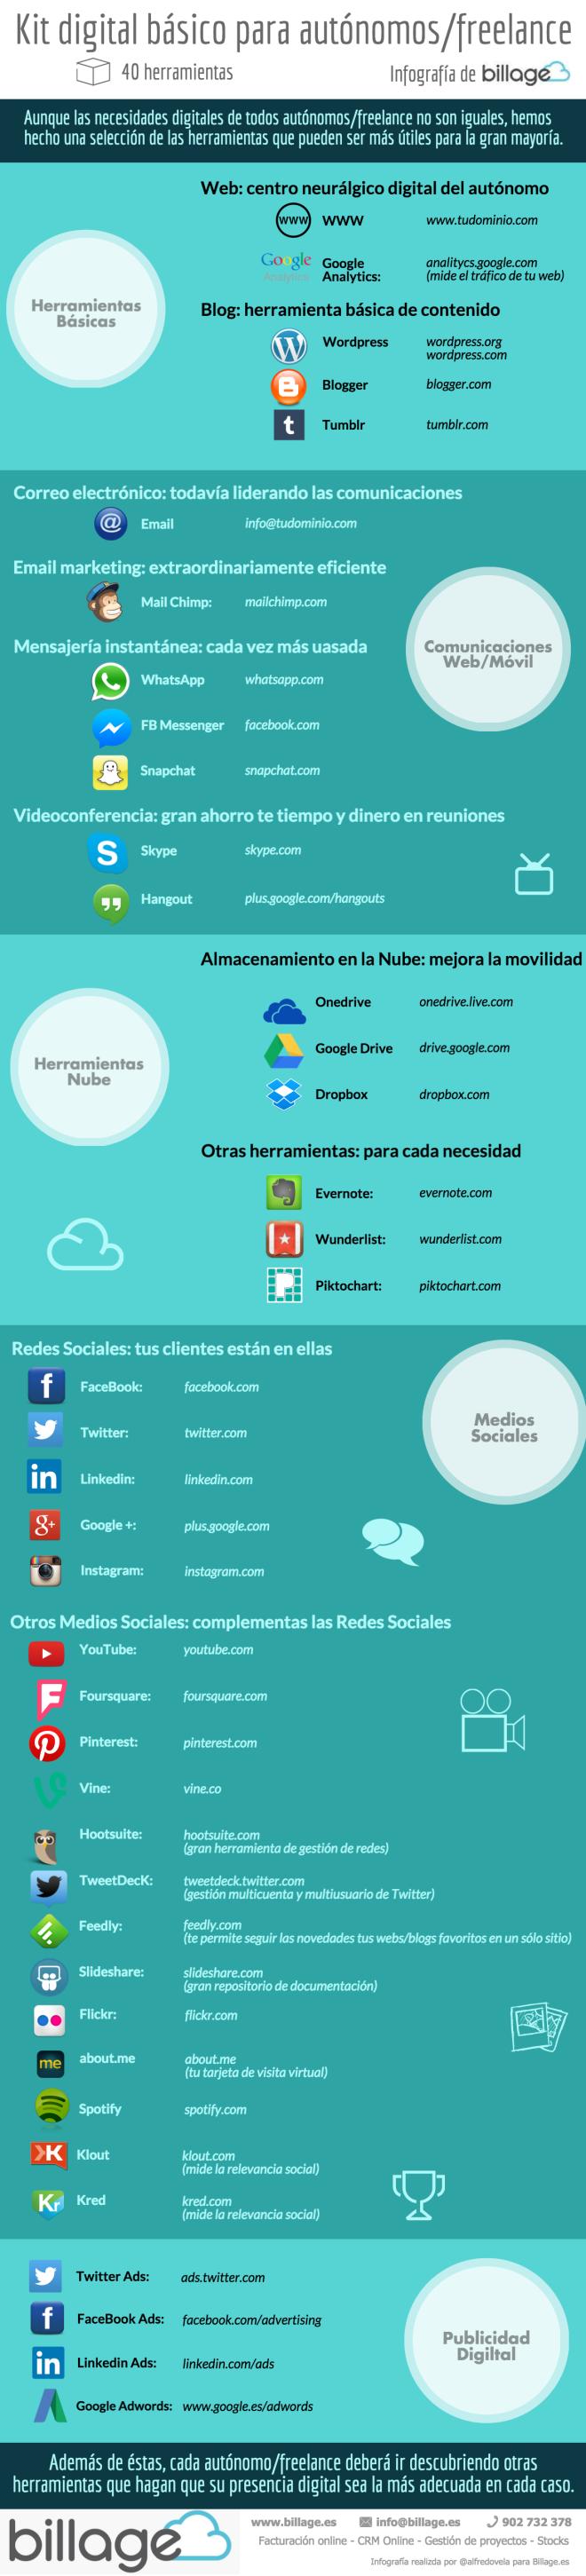 40 herramientas digitales para un freelance/autónomo